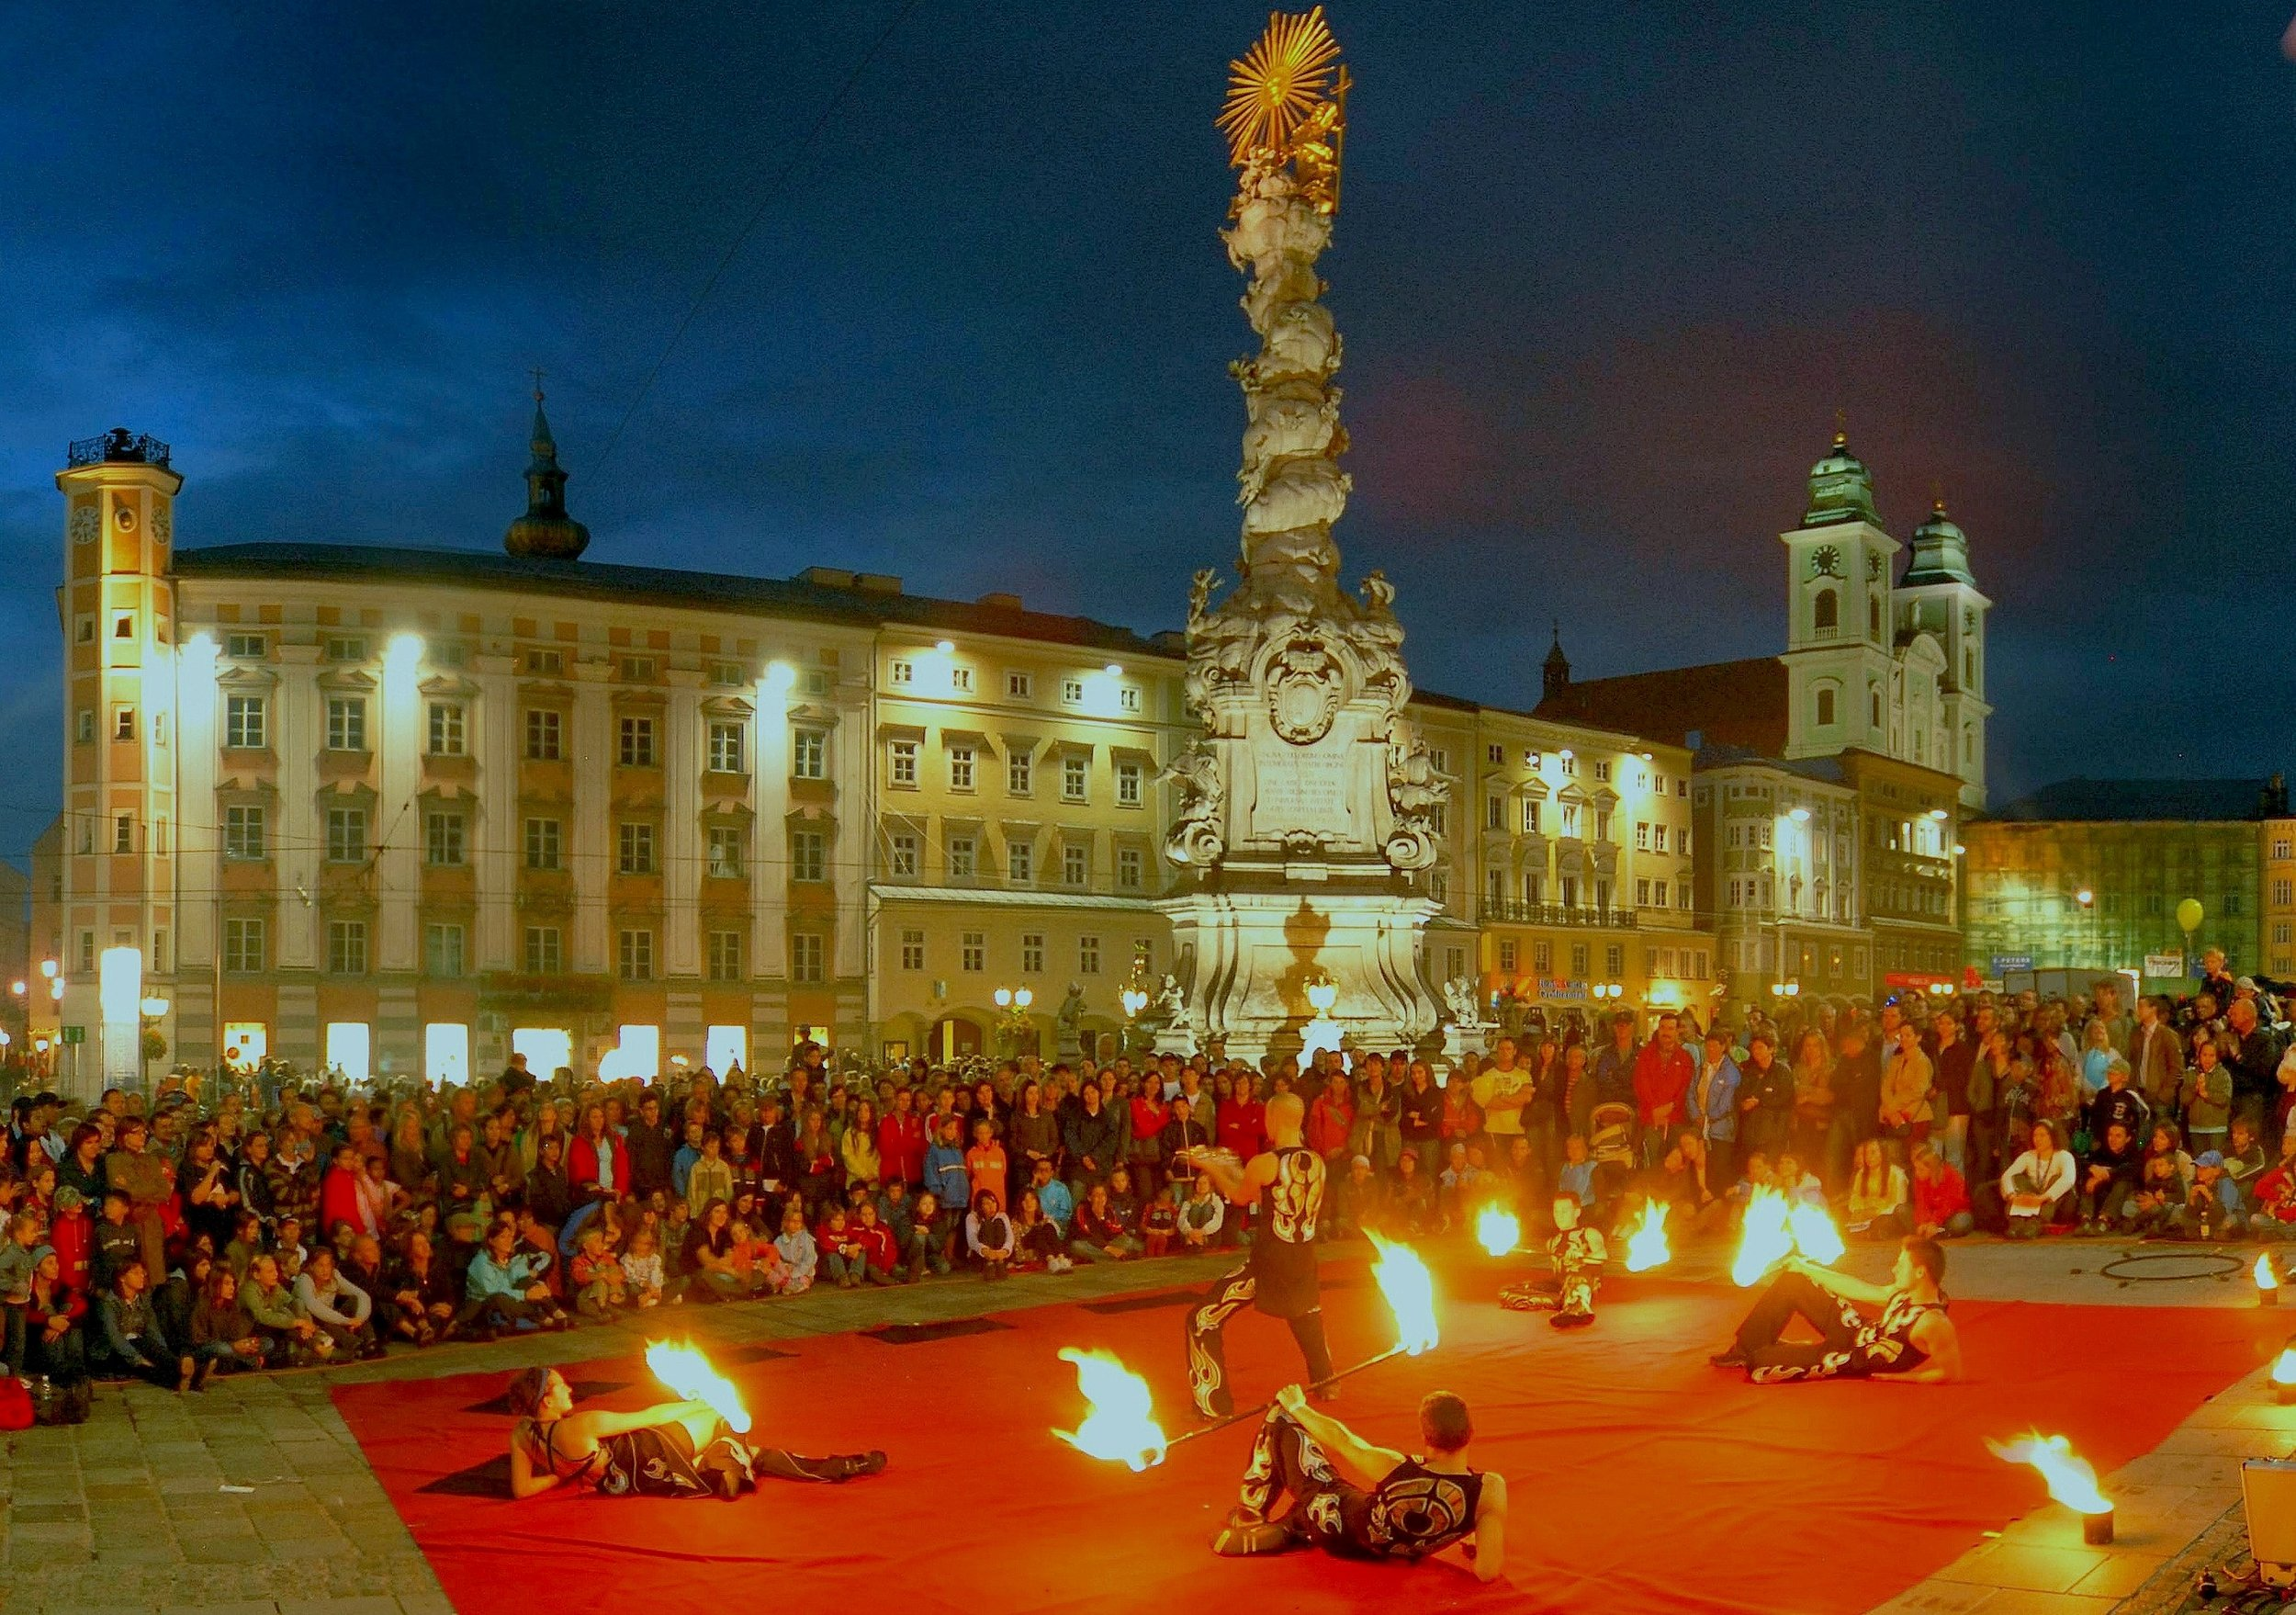 FlameOz Fire Show - 5 person fire show Austria - Hi Res.jpg